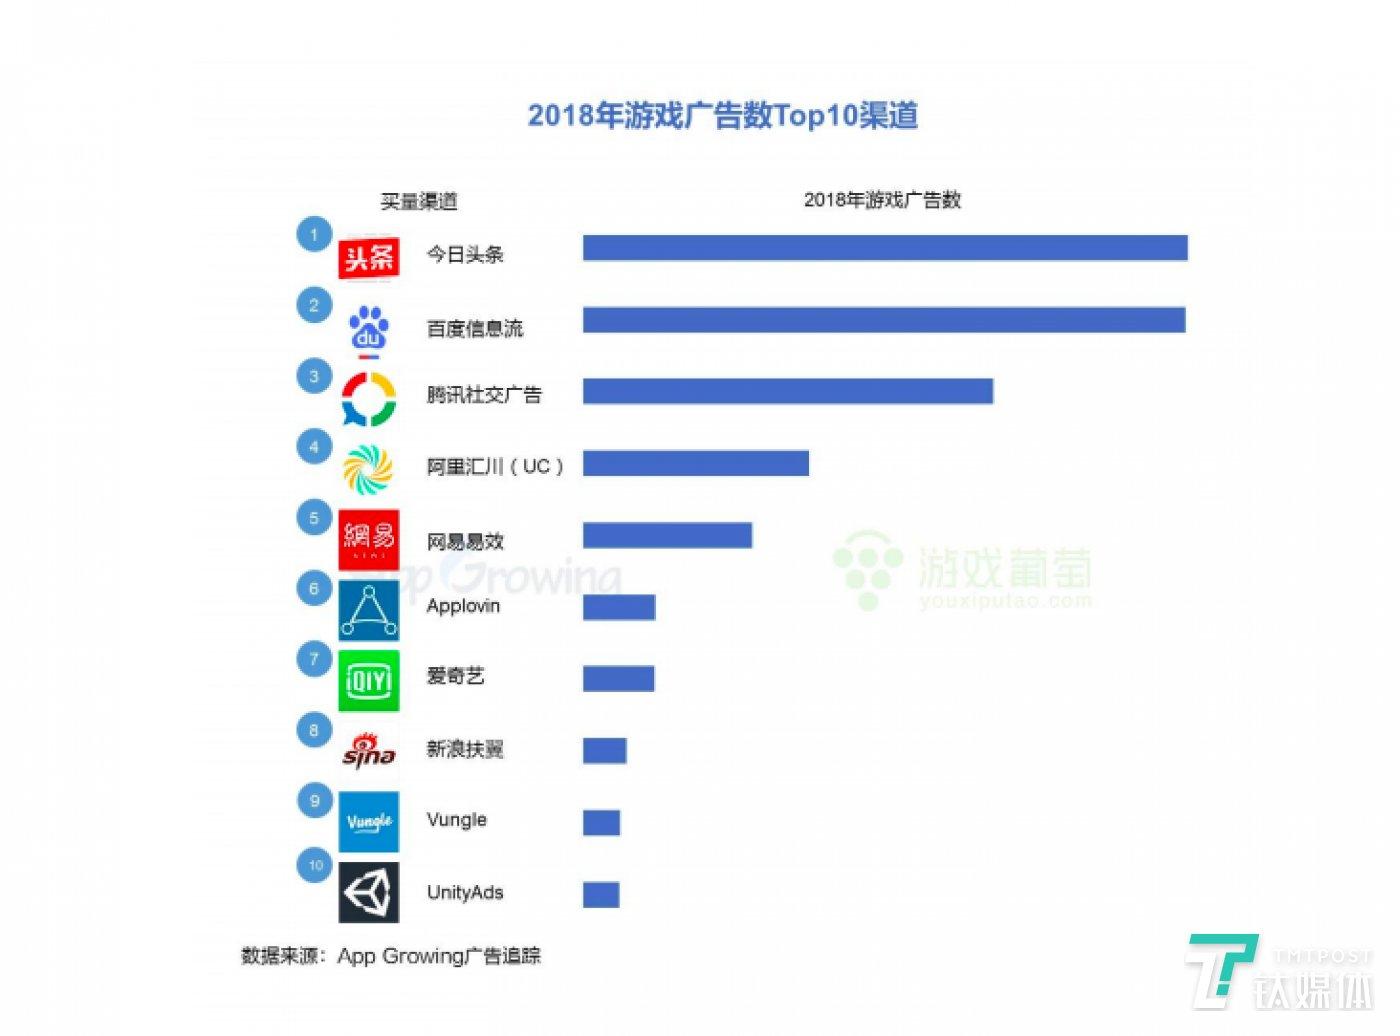 2018年游戏广告数TOP10渠道,来源App Growing《2018年游戏行业买量市场洞察》